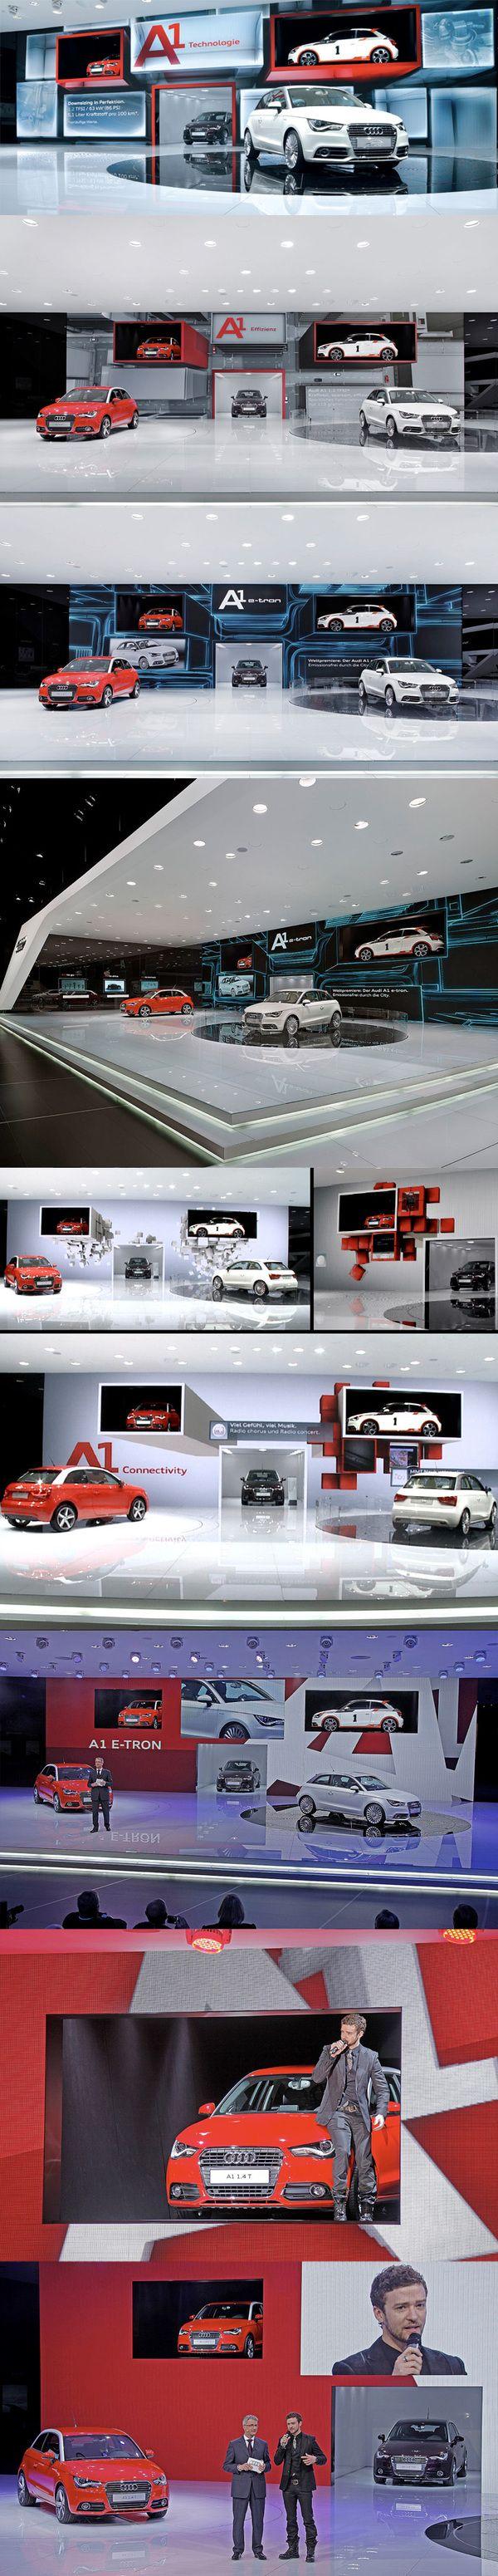 Audi Geneva 2010